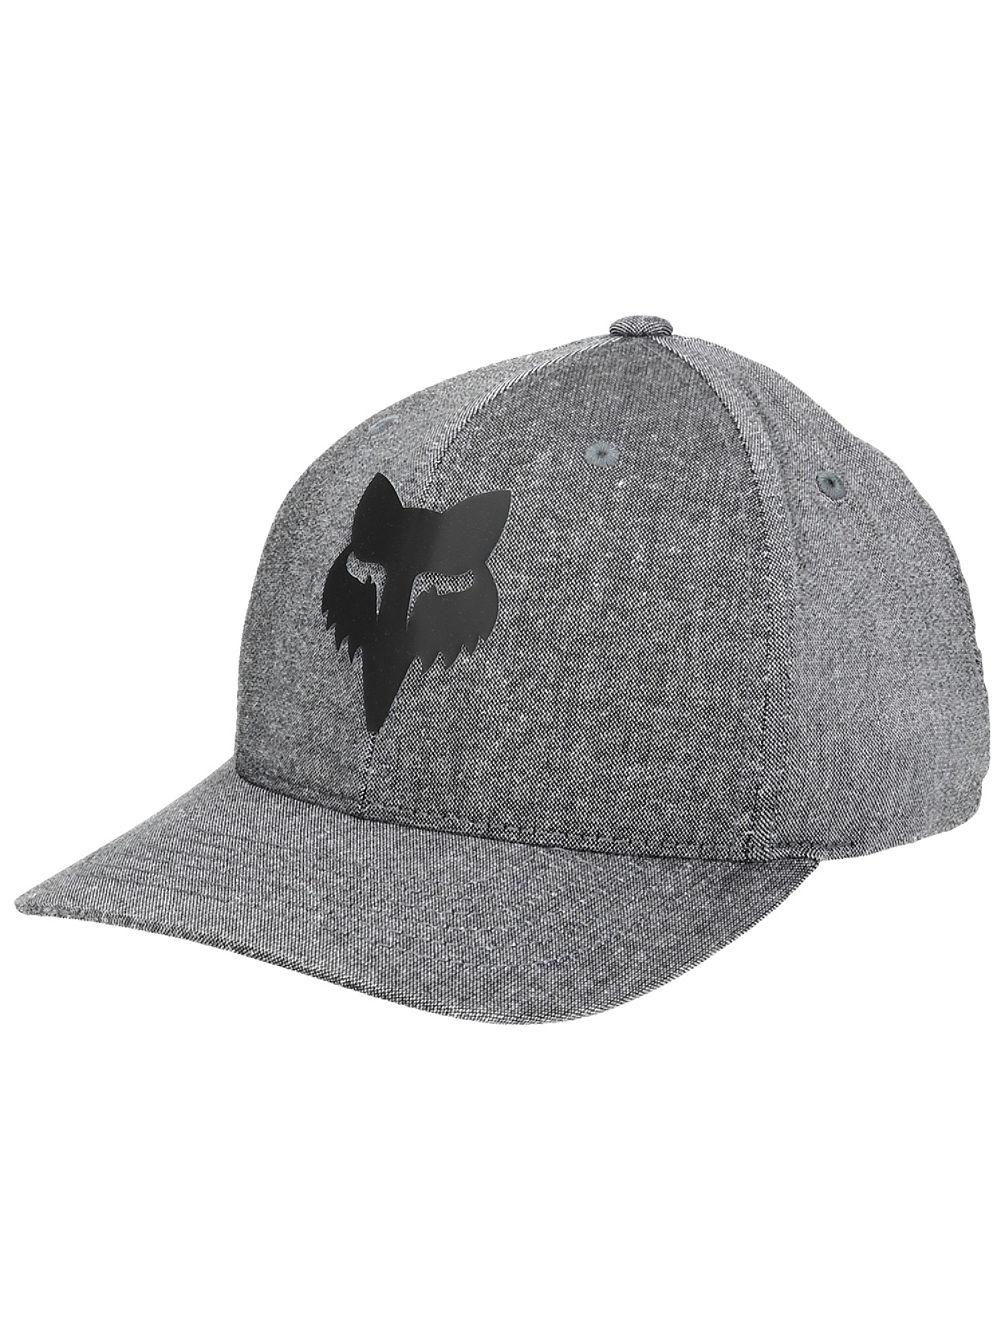 9942b274 74 110 Snapback Cap